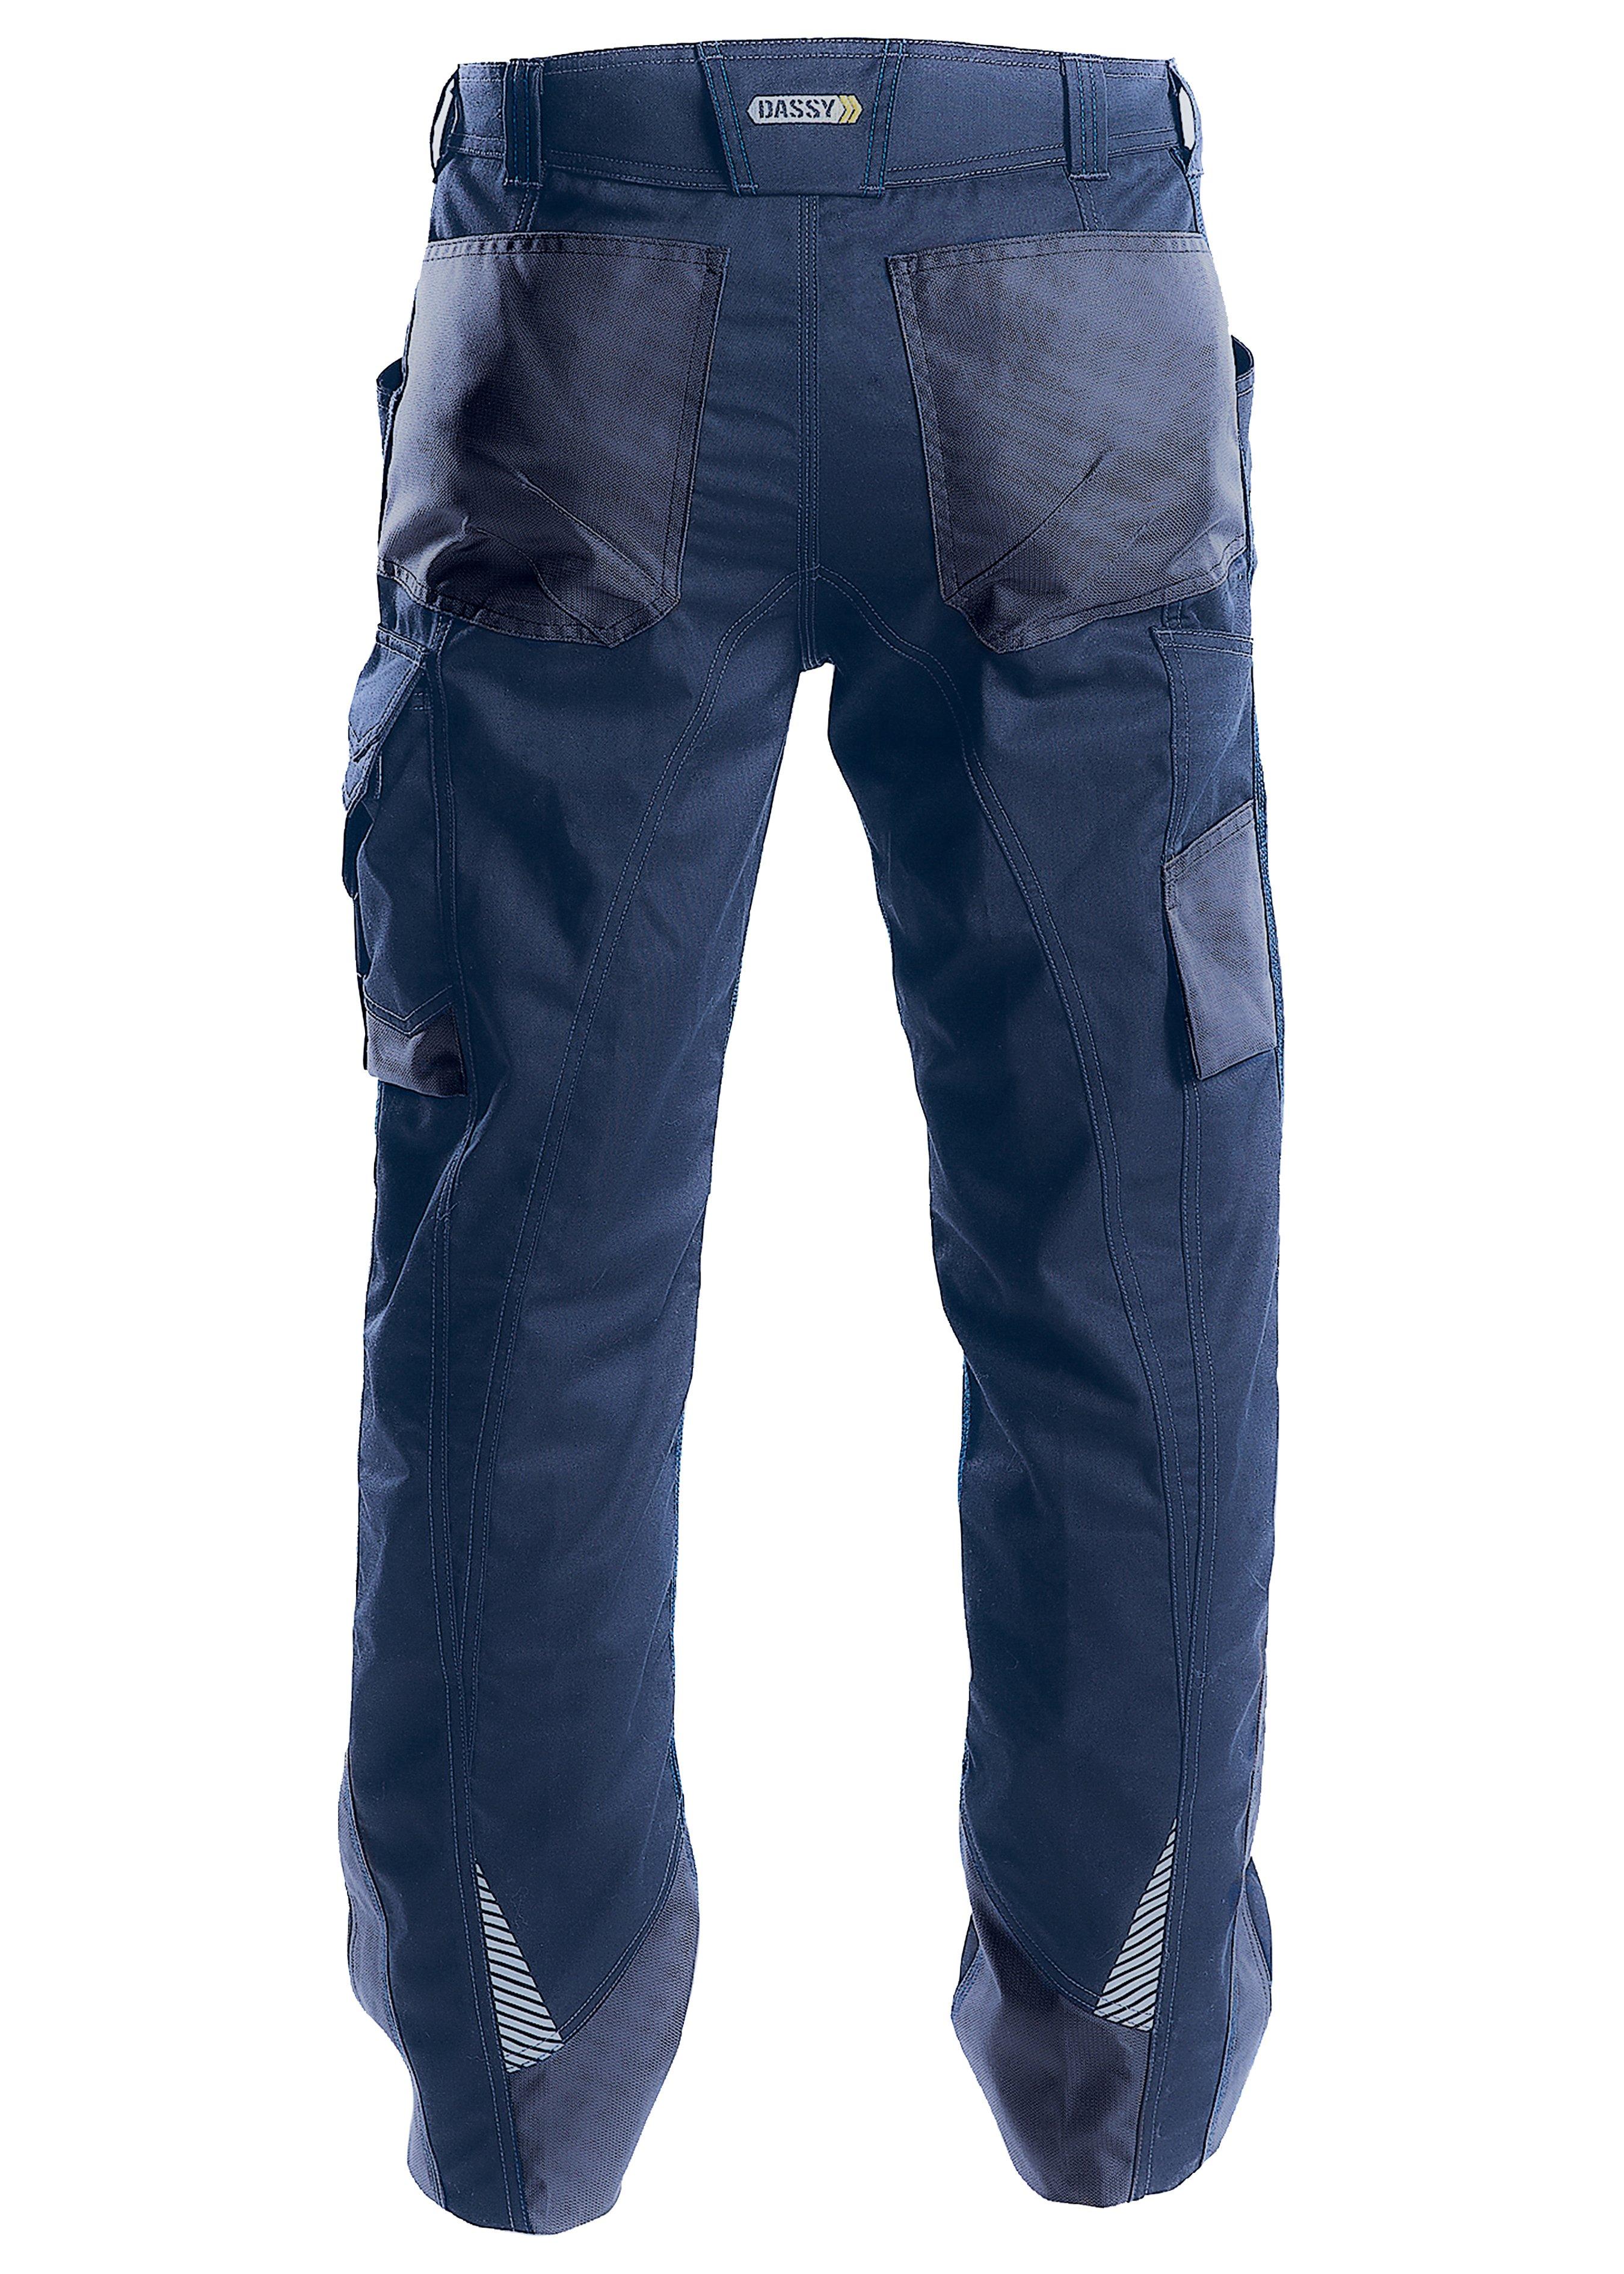 Pantalon de travail Spectrum 22396438 2